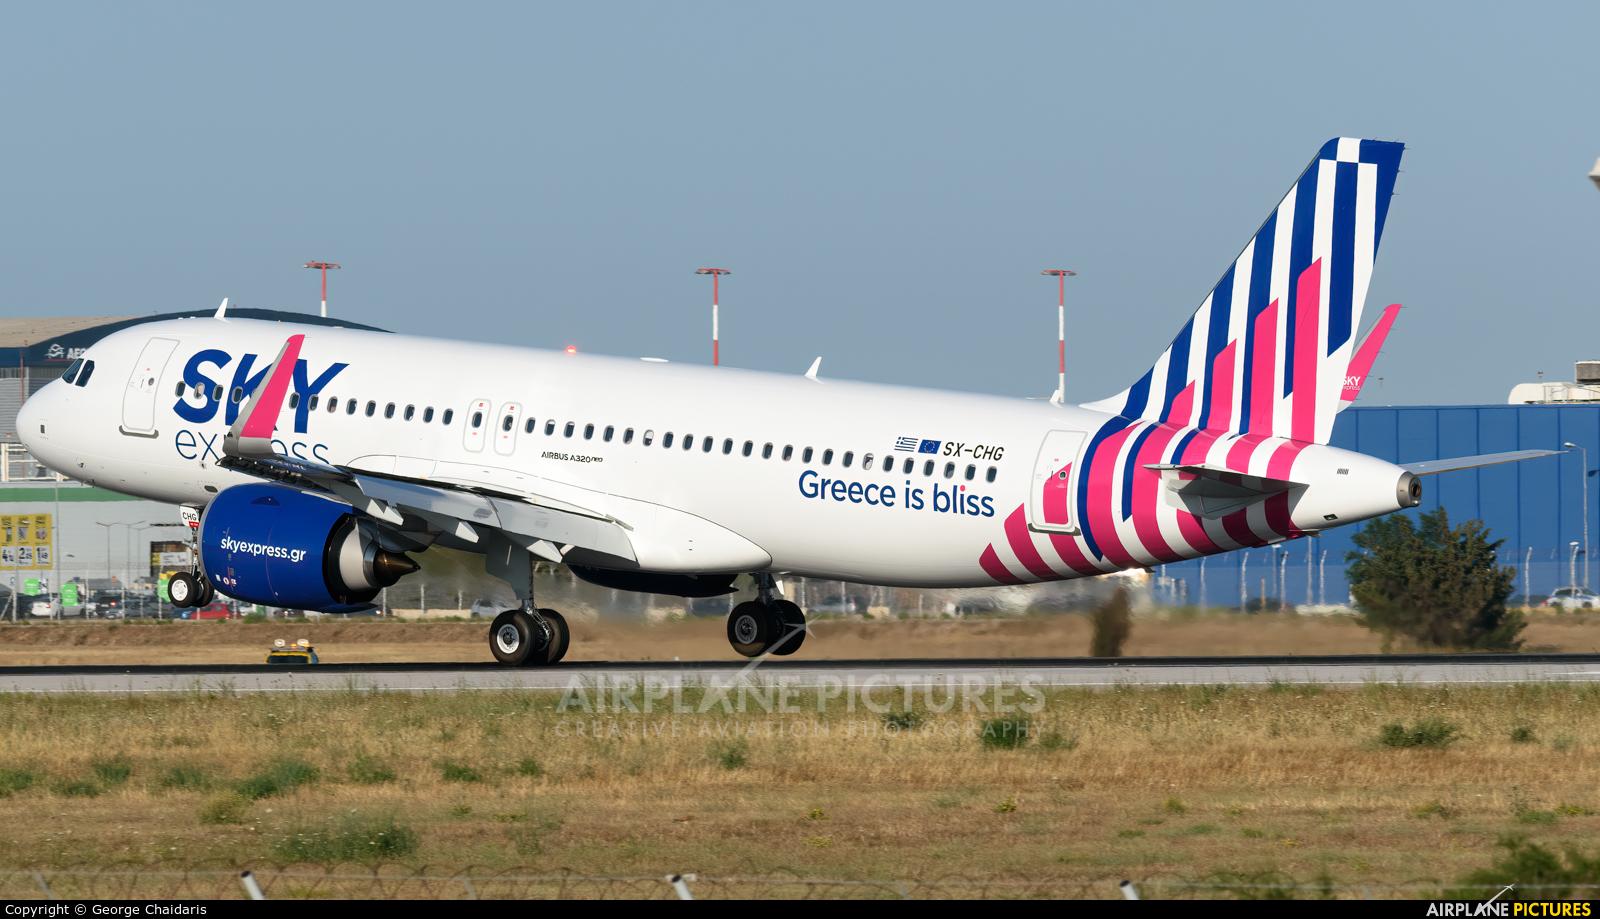 Sky Express SX-CHG aircraft at Athens - Eleftherios Venizelos